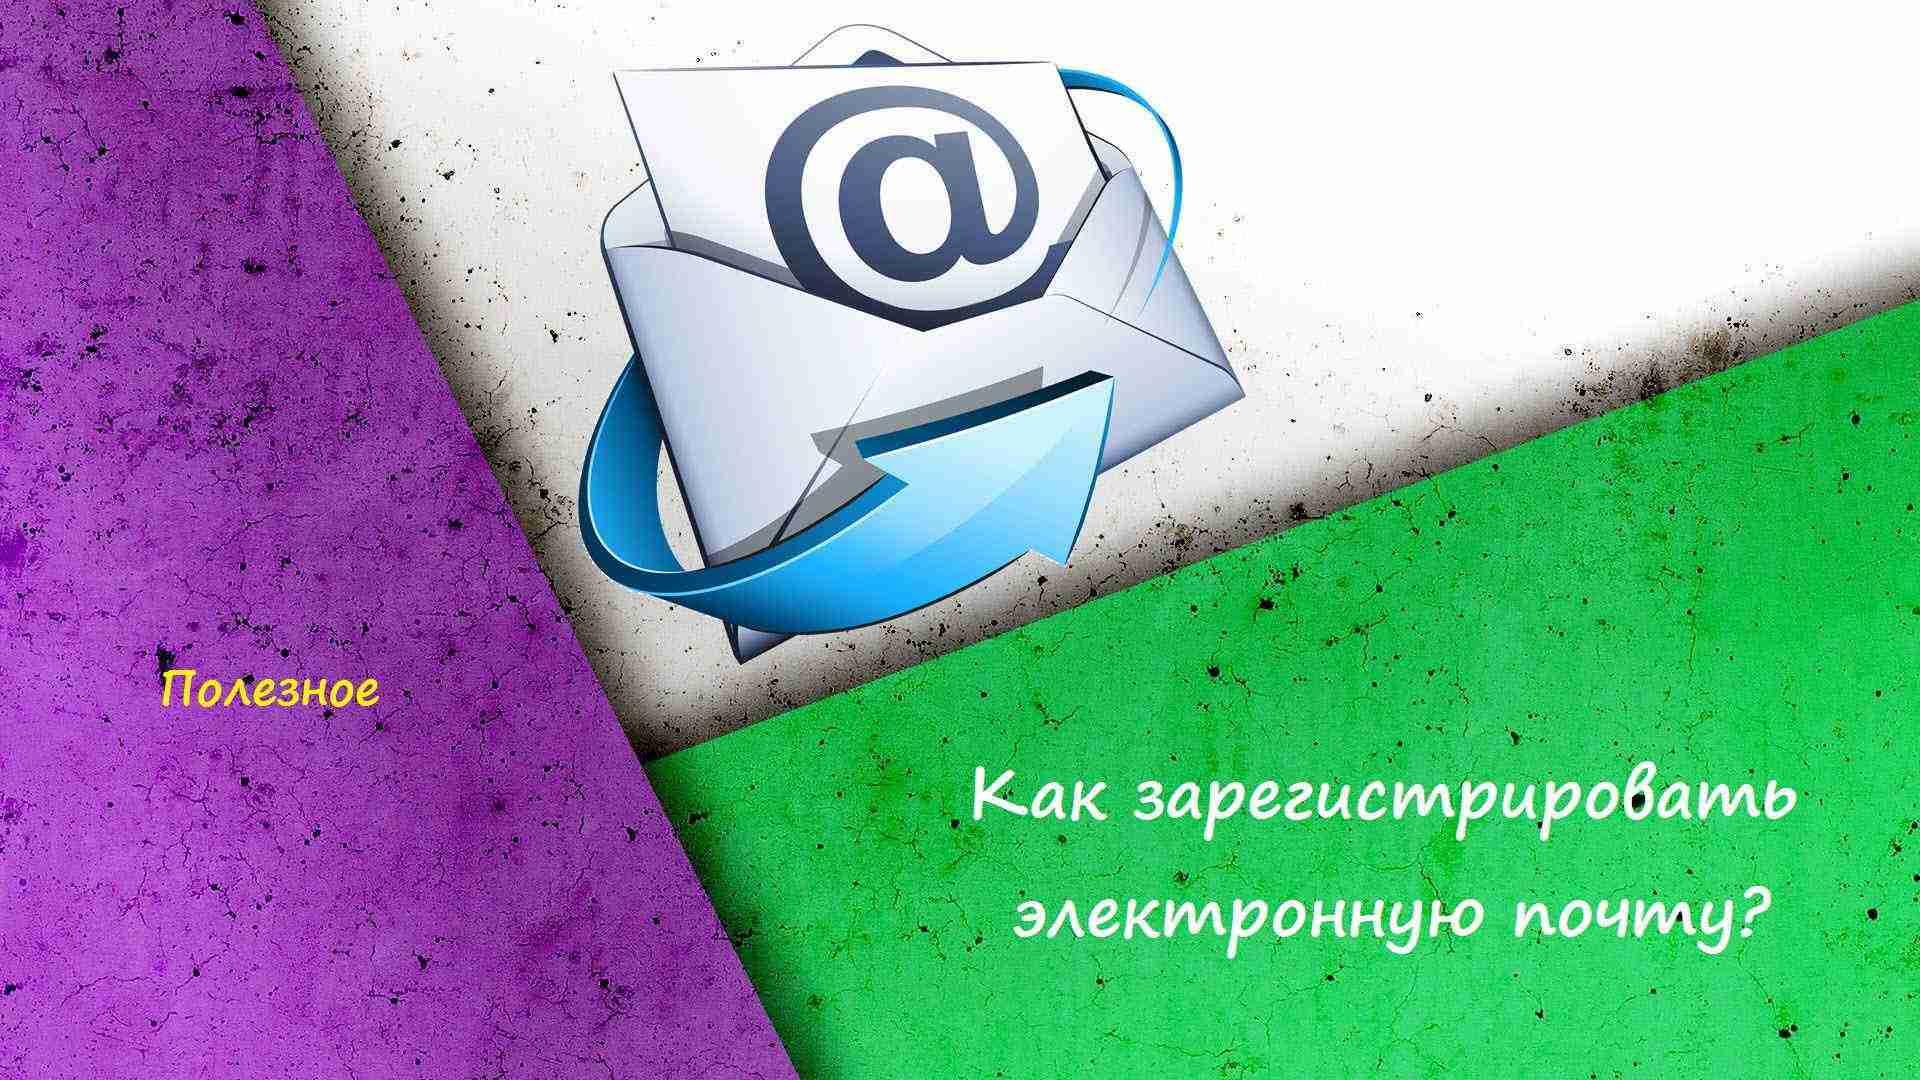 Взломать почту онлайн Взлом почты Программа для взлома